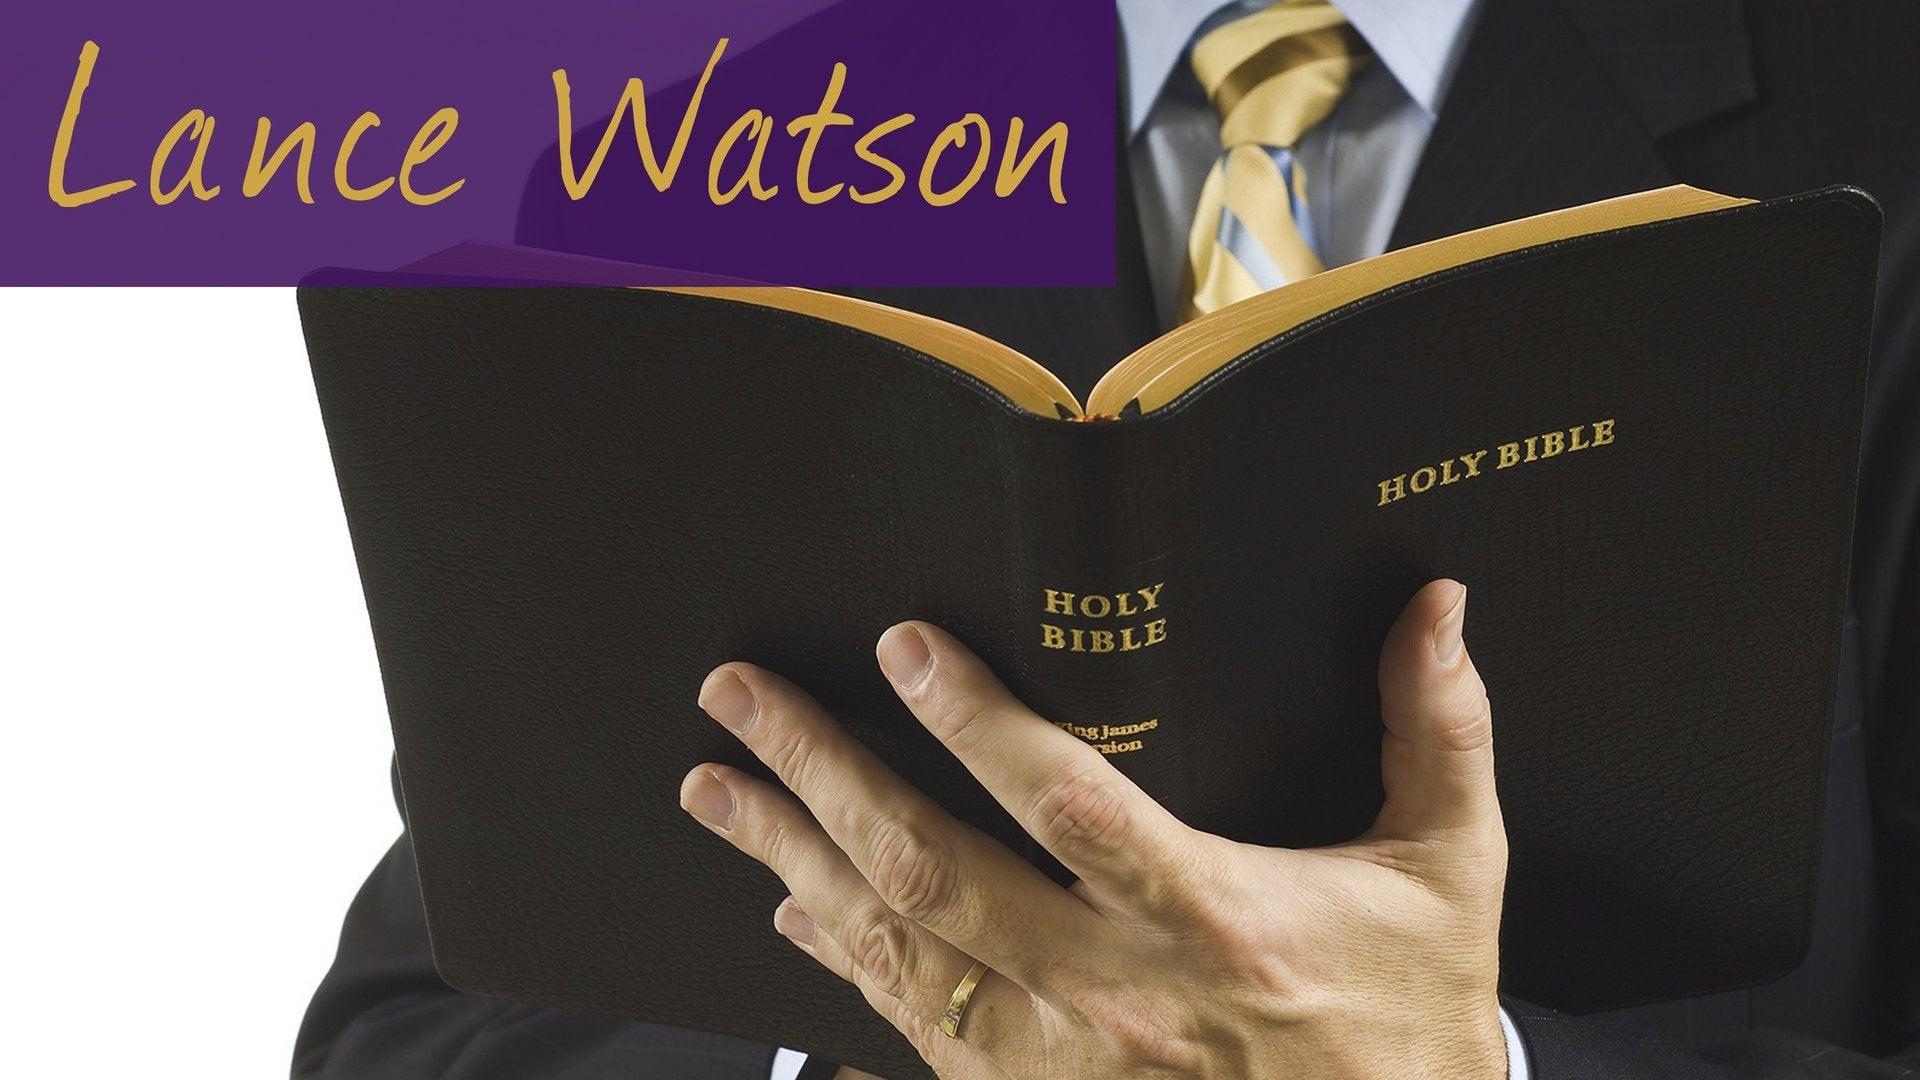 Lance Watson